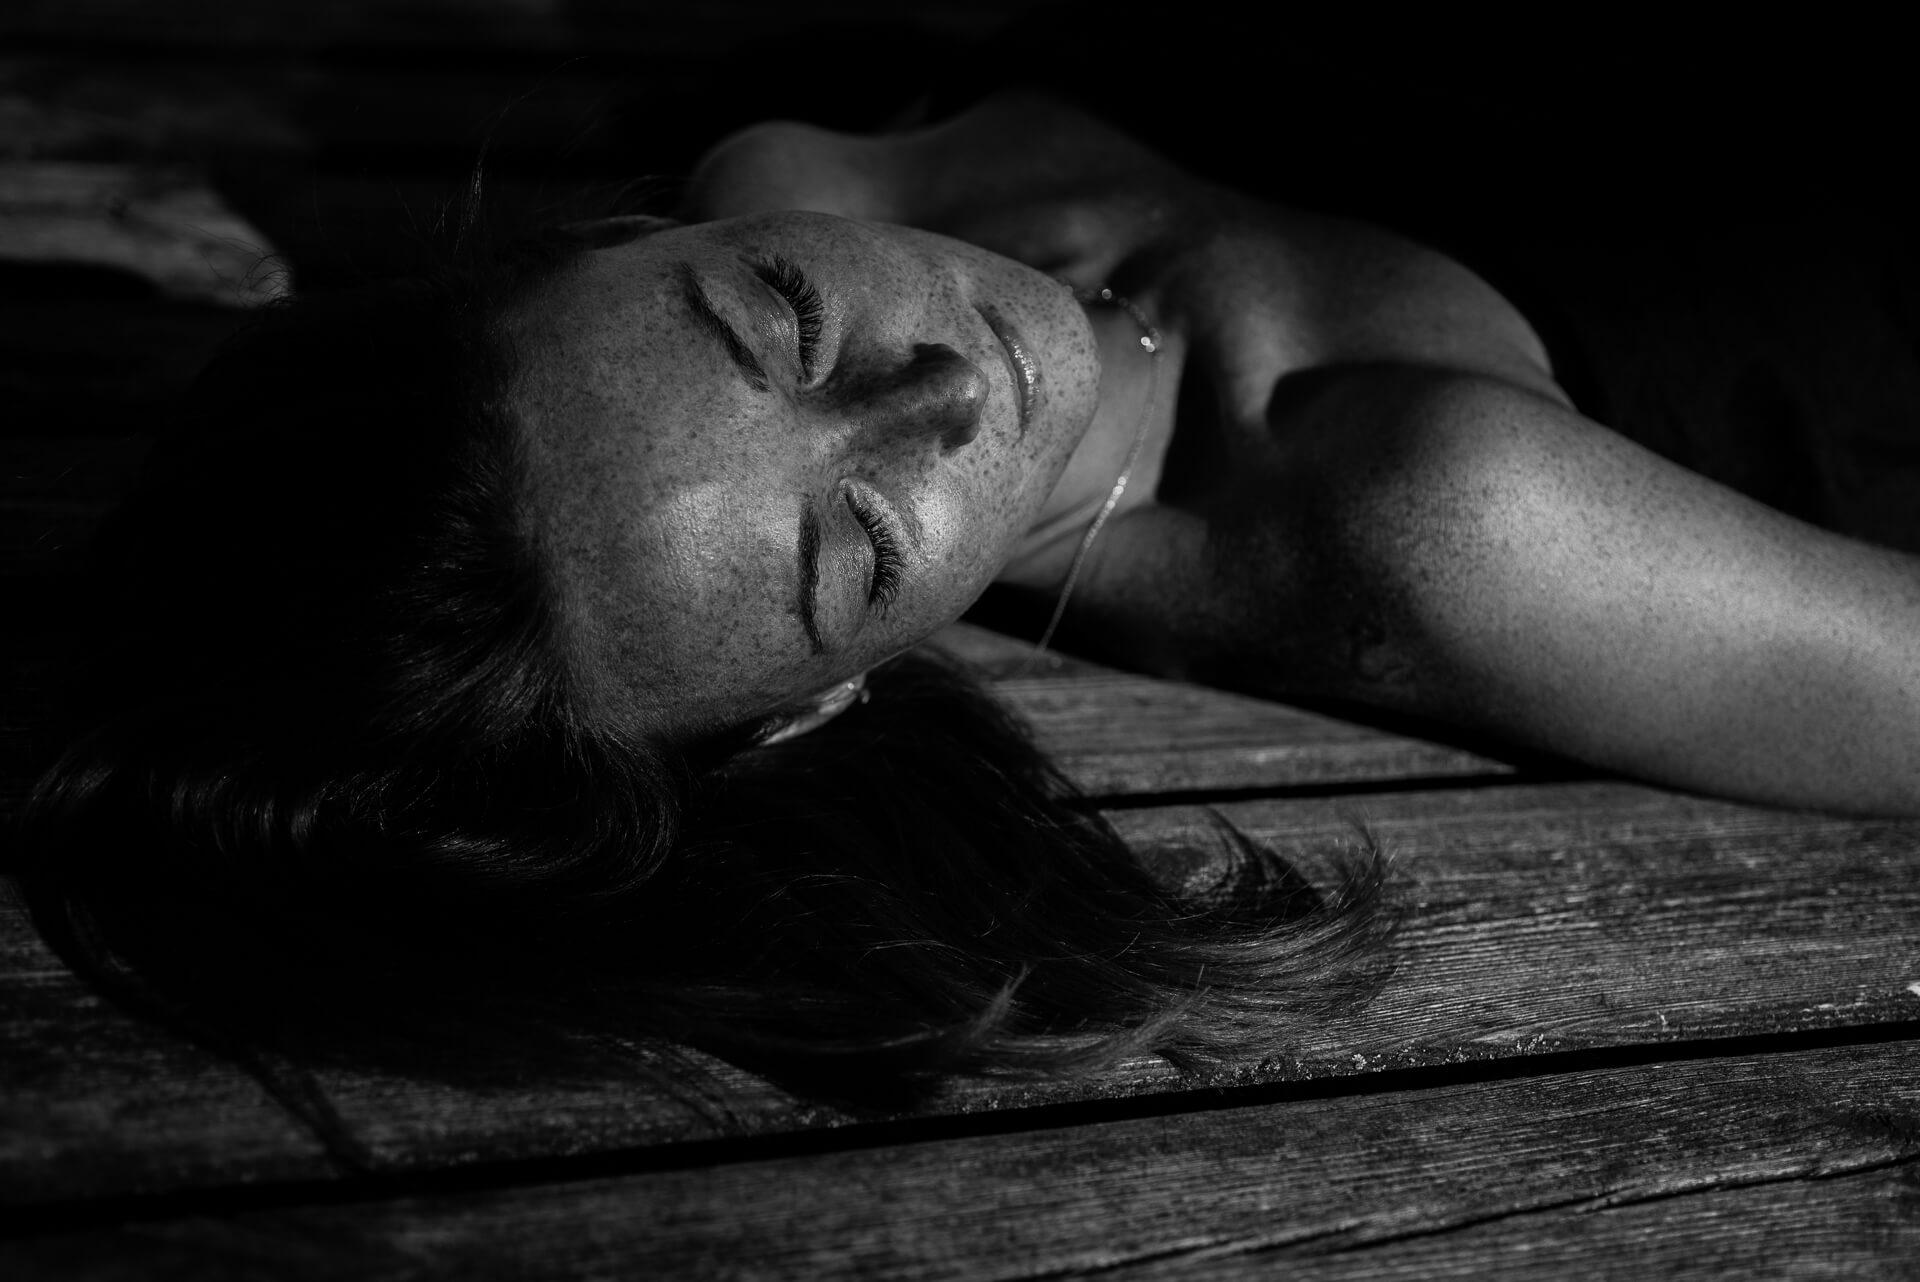 czarno-białe zdjęcia kobiety z piegami i zamkniętymi oczami, sesja letnia